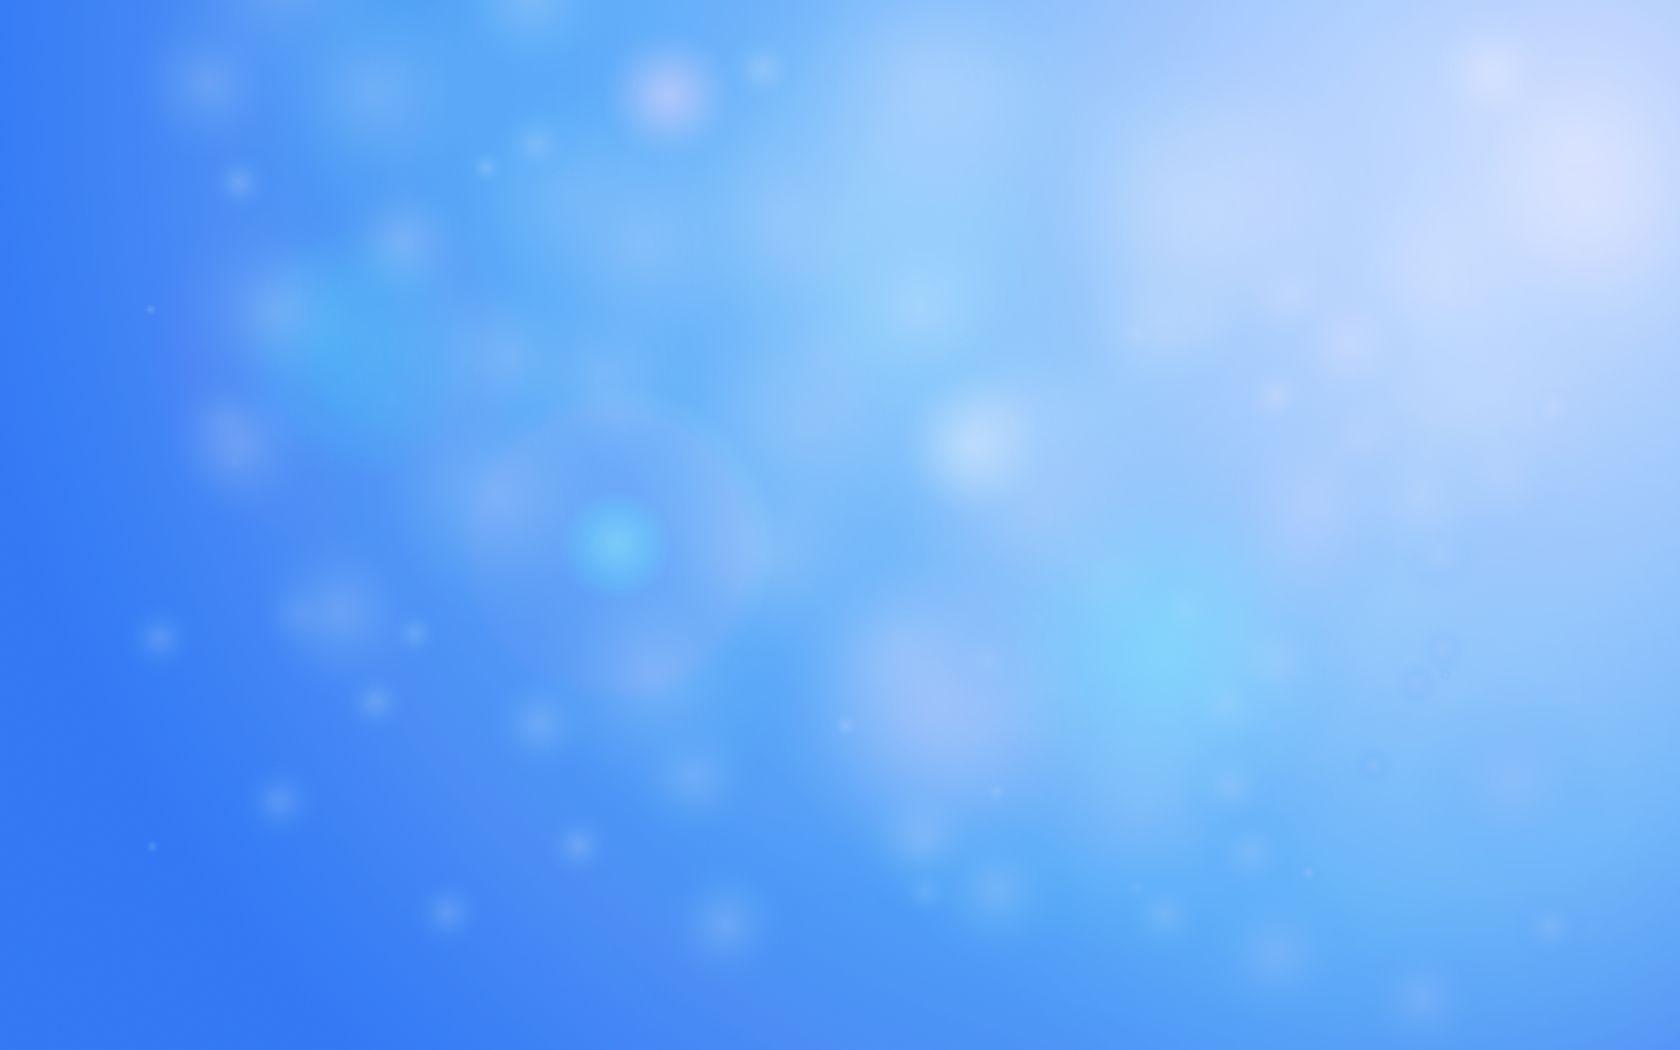 Fondos Abstractos Azules Para Fondo Celular En Hd 24 HD